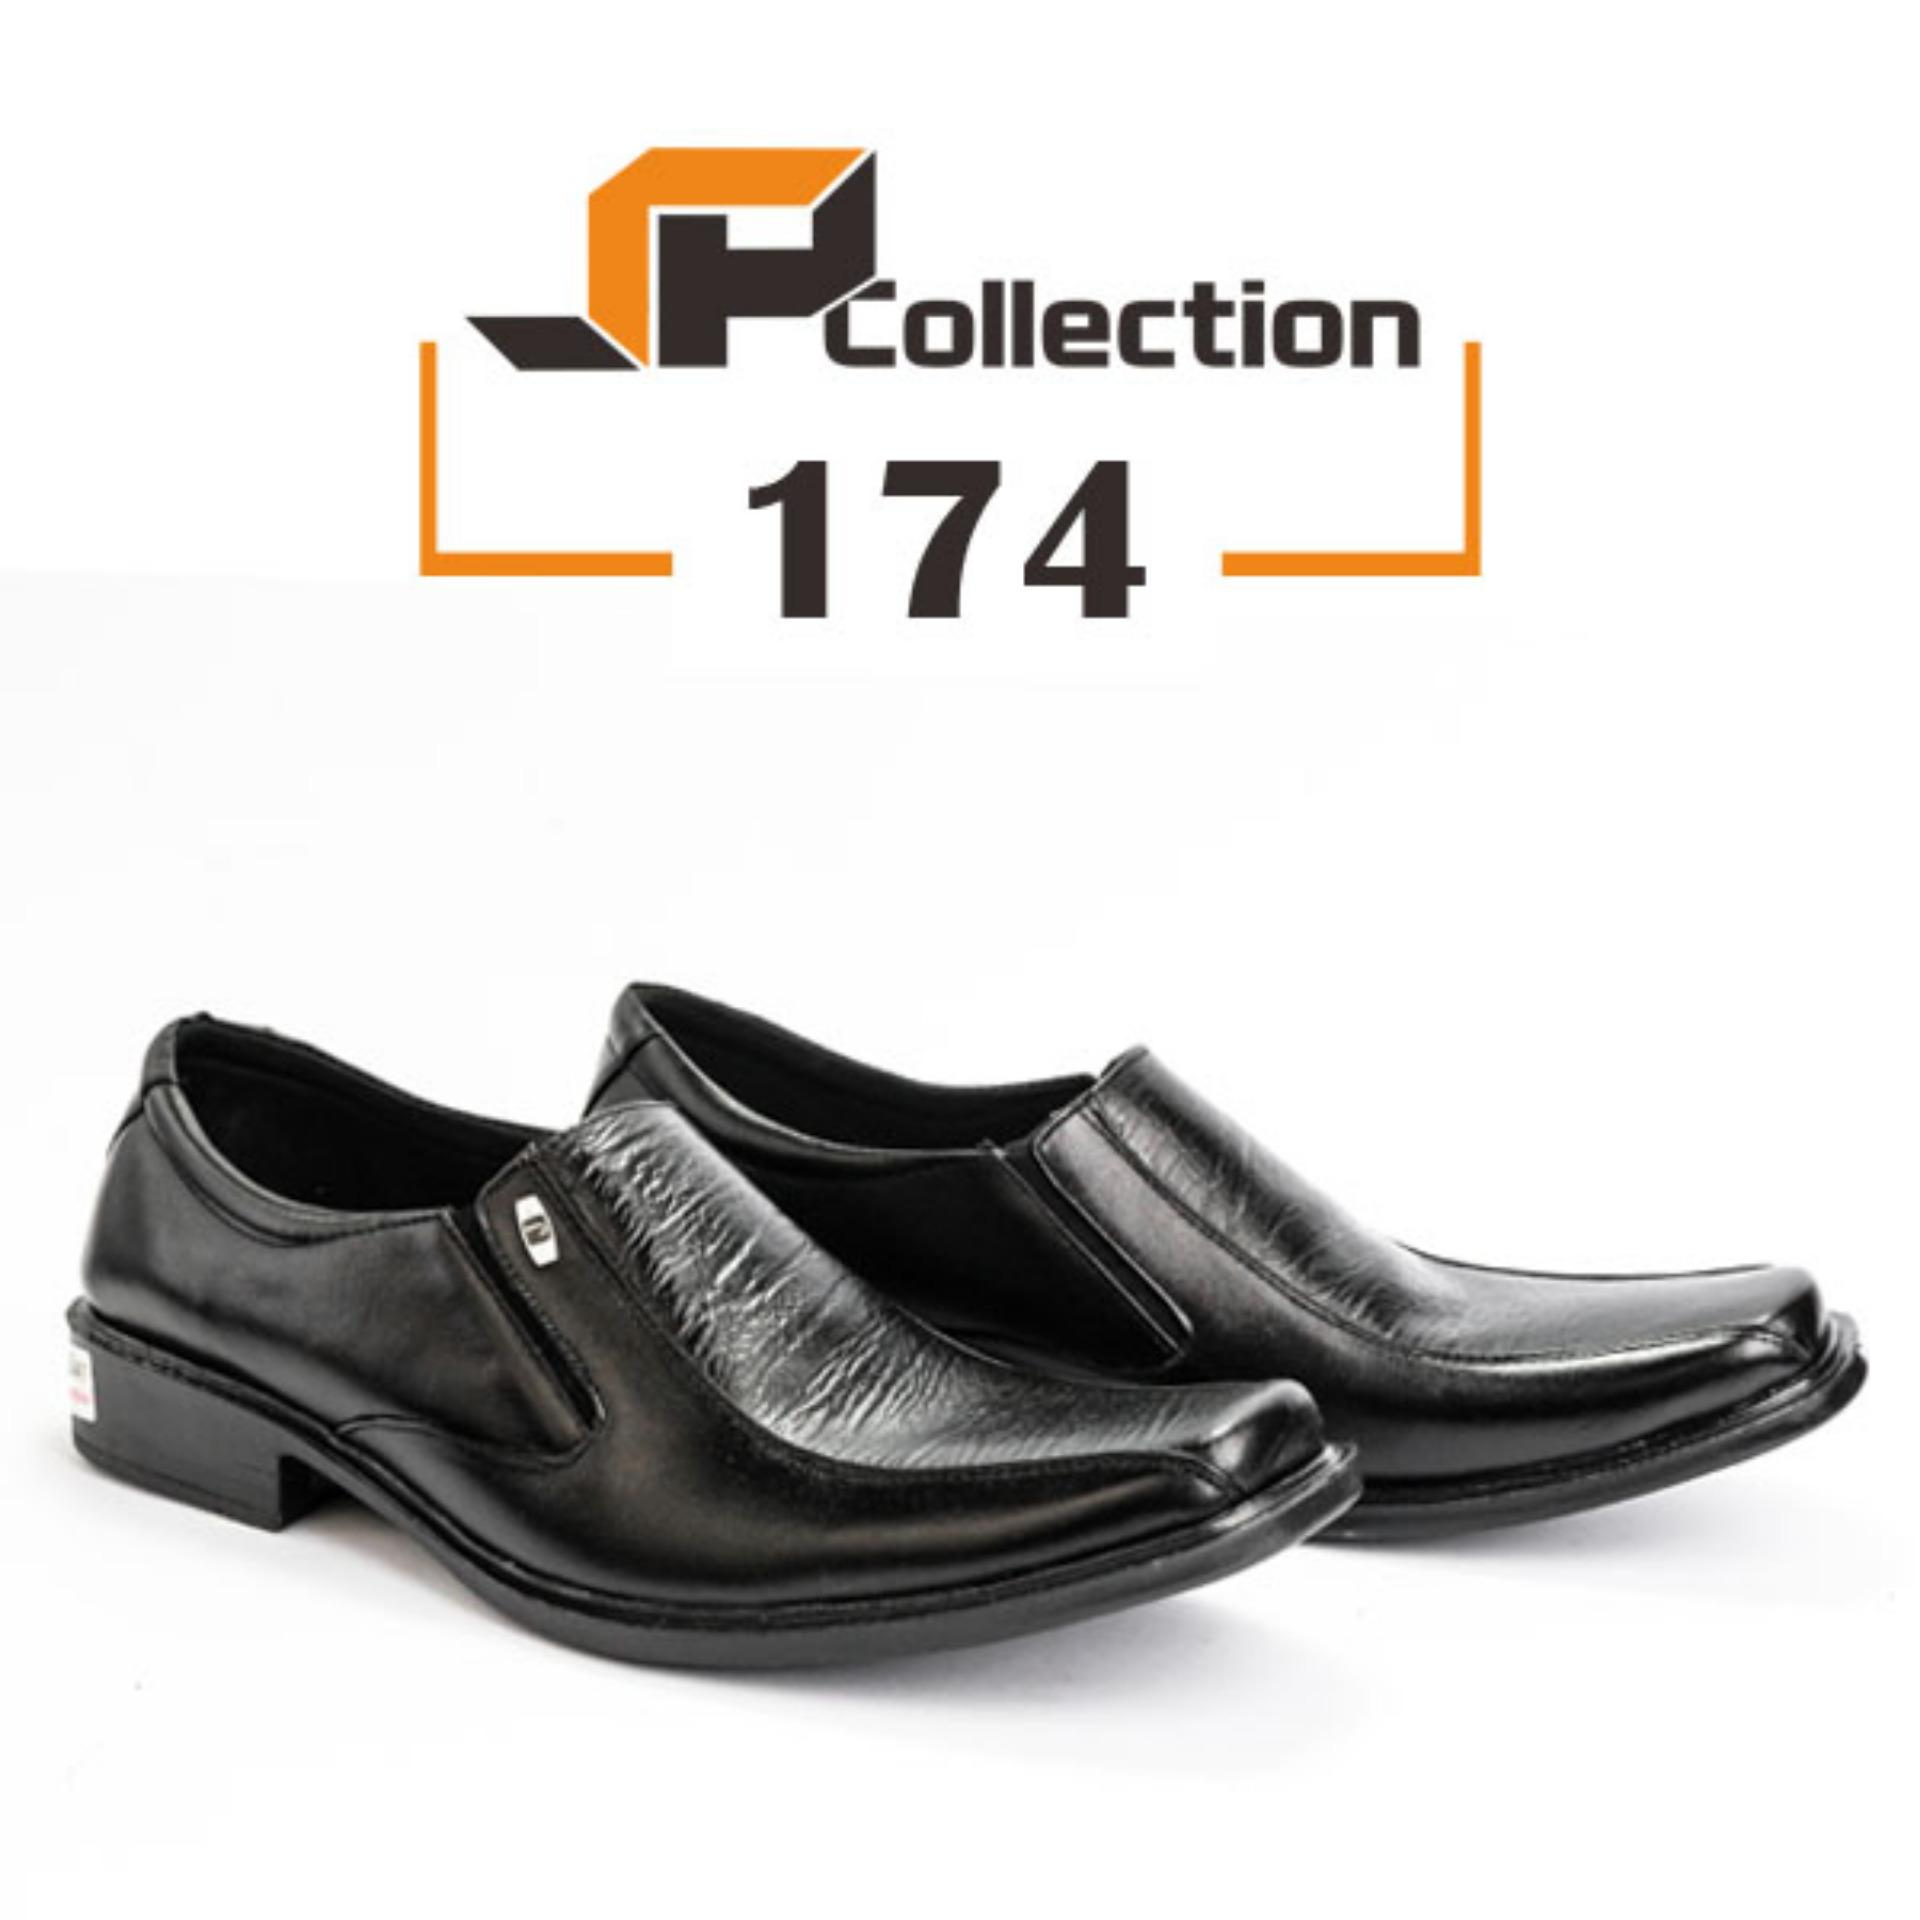 Tips Beli Spatoo Sepatu Pria 174 Hitam Sepatu Pantofel Kulit Pria Sepatu Pria Murah Sepatu Pantofel Kulit Asli Sepatu Pria Slip On Sepatu Pria Murah Sepatu Pria Kulit Asli Sepatu Kerja Kulit Pria Sepatu Pria Formal Kulit Asli Yang Bagus